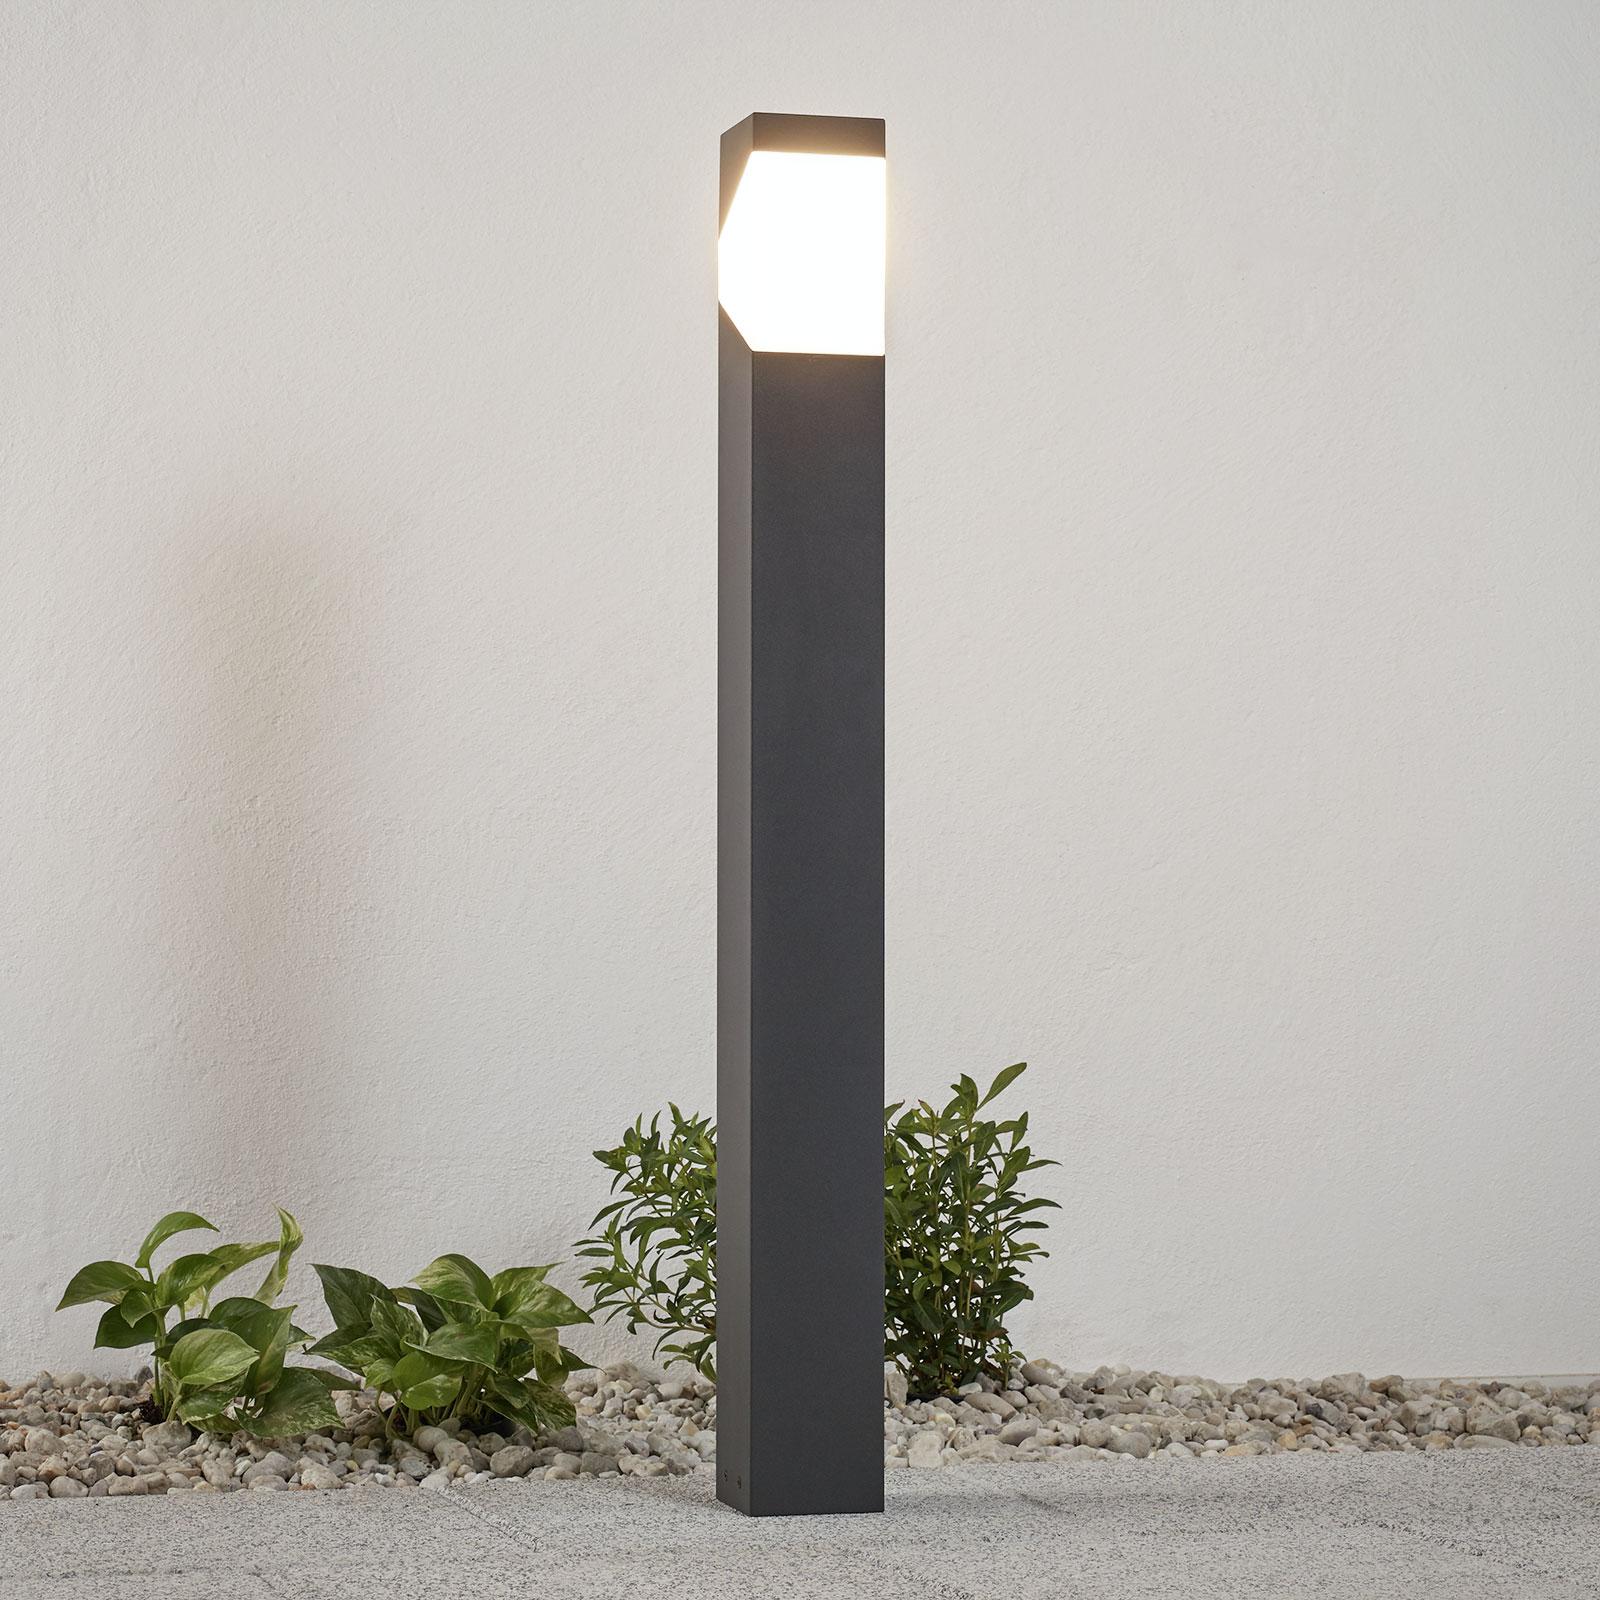 Bolardo luminoso Kiran de aluminio